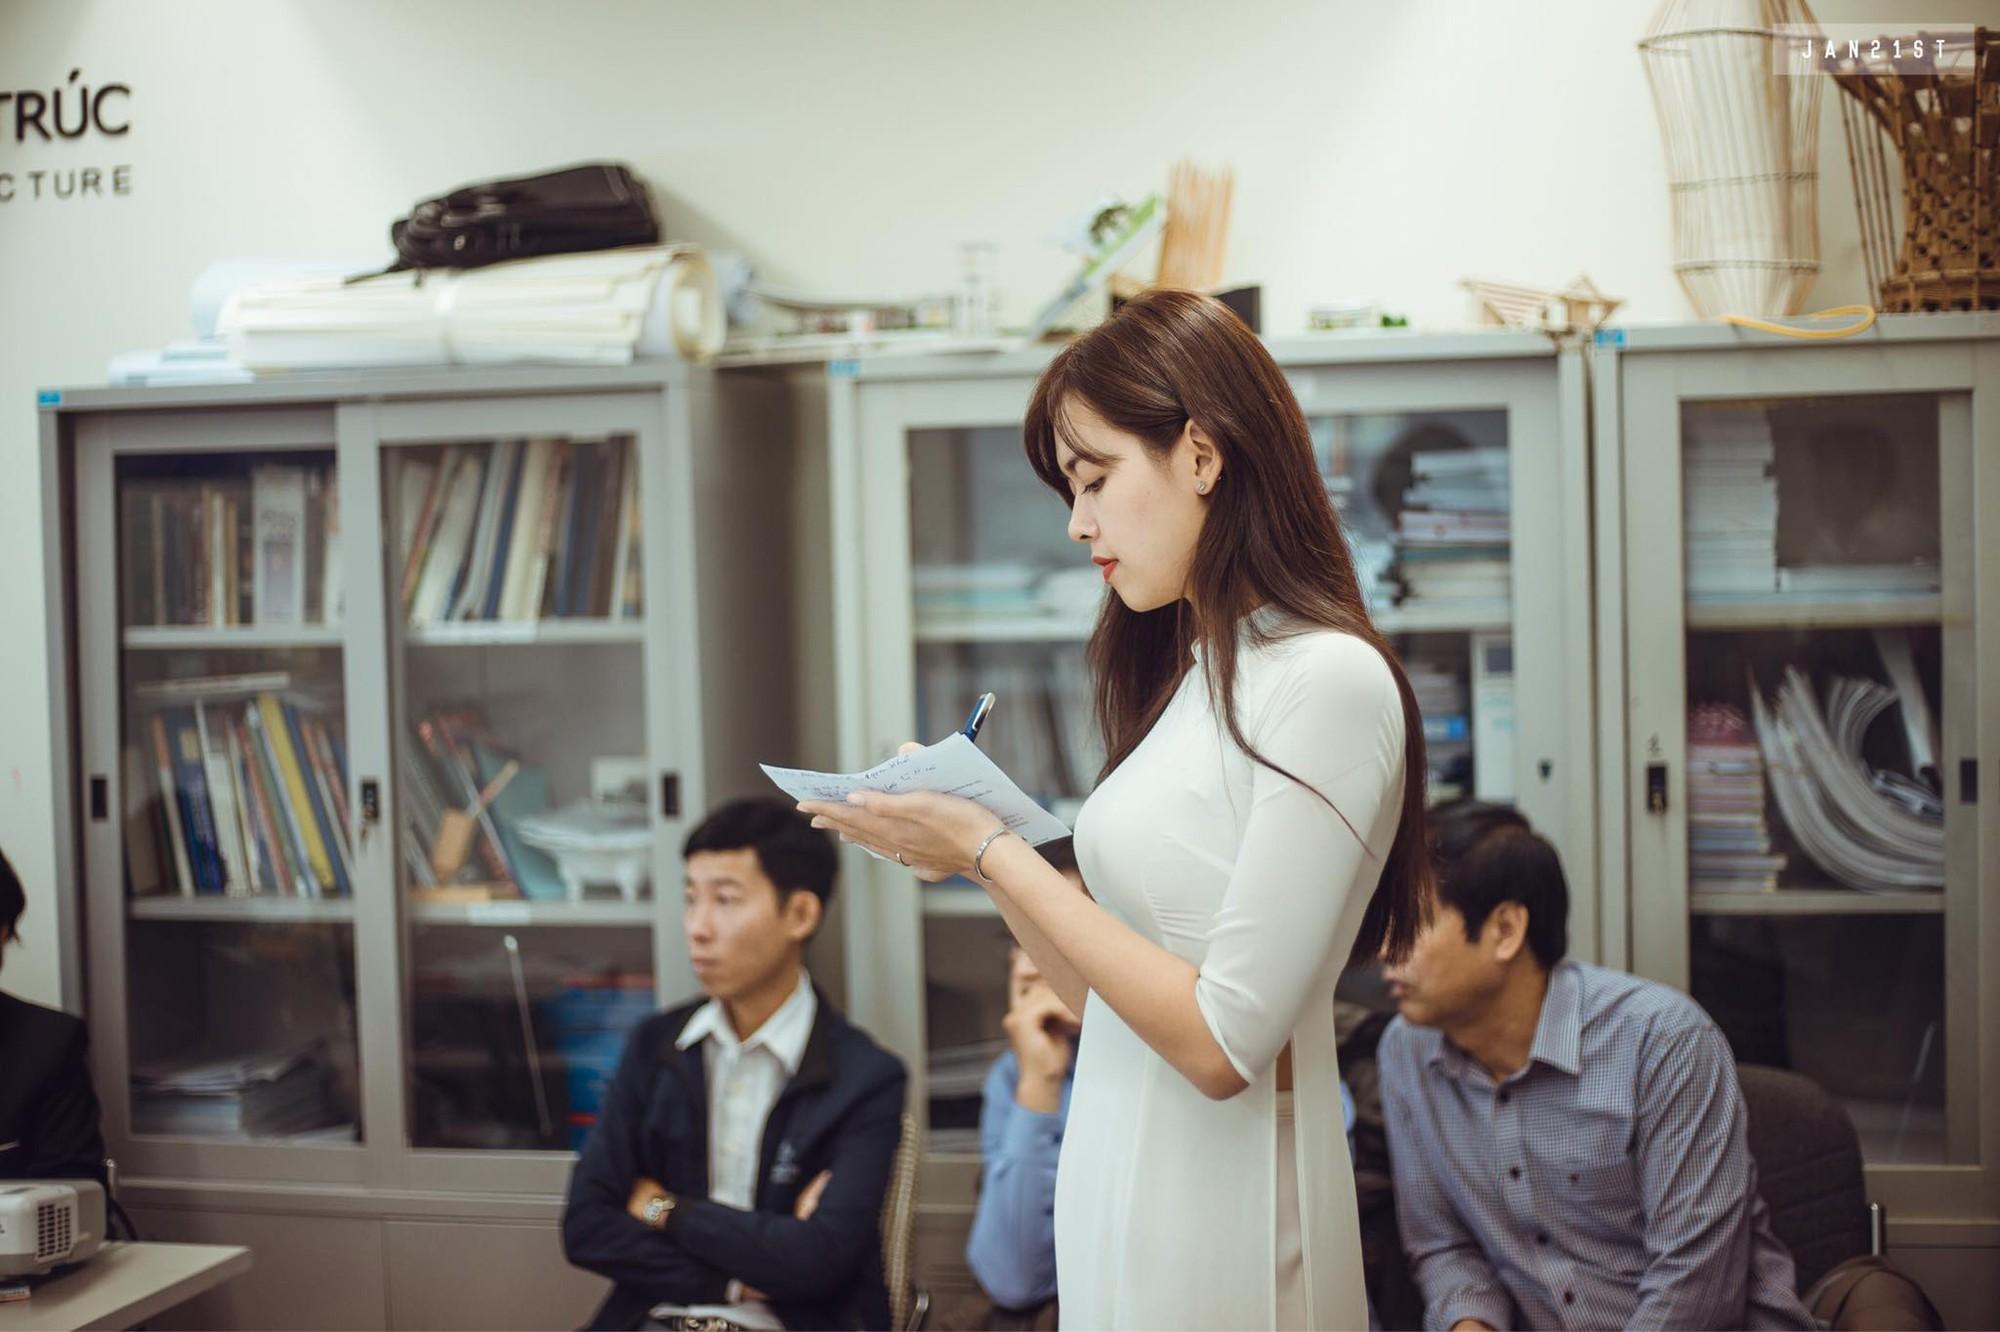 Hoa khôi, Á khôi tài sắc vẹn toàn chọn trở thành cô giáo, giảng viên ĐH - Ảnh 5.